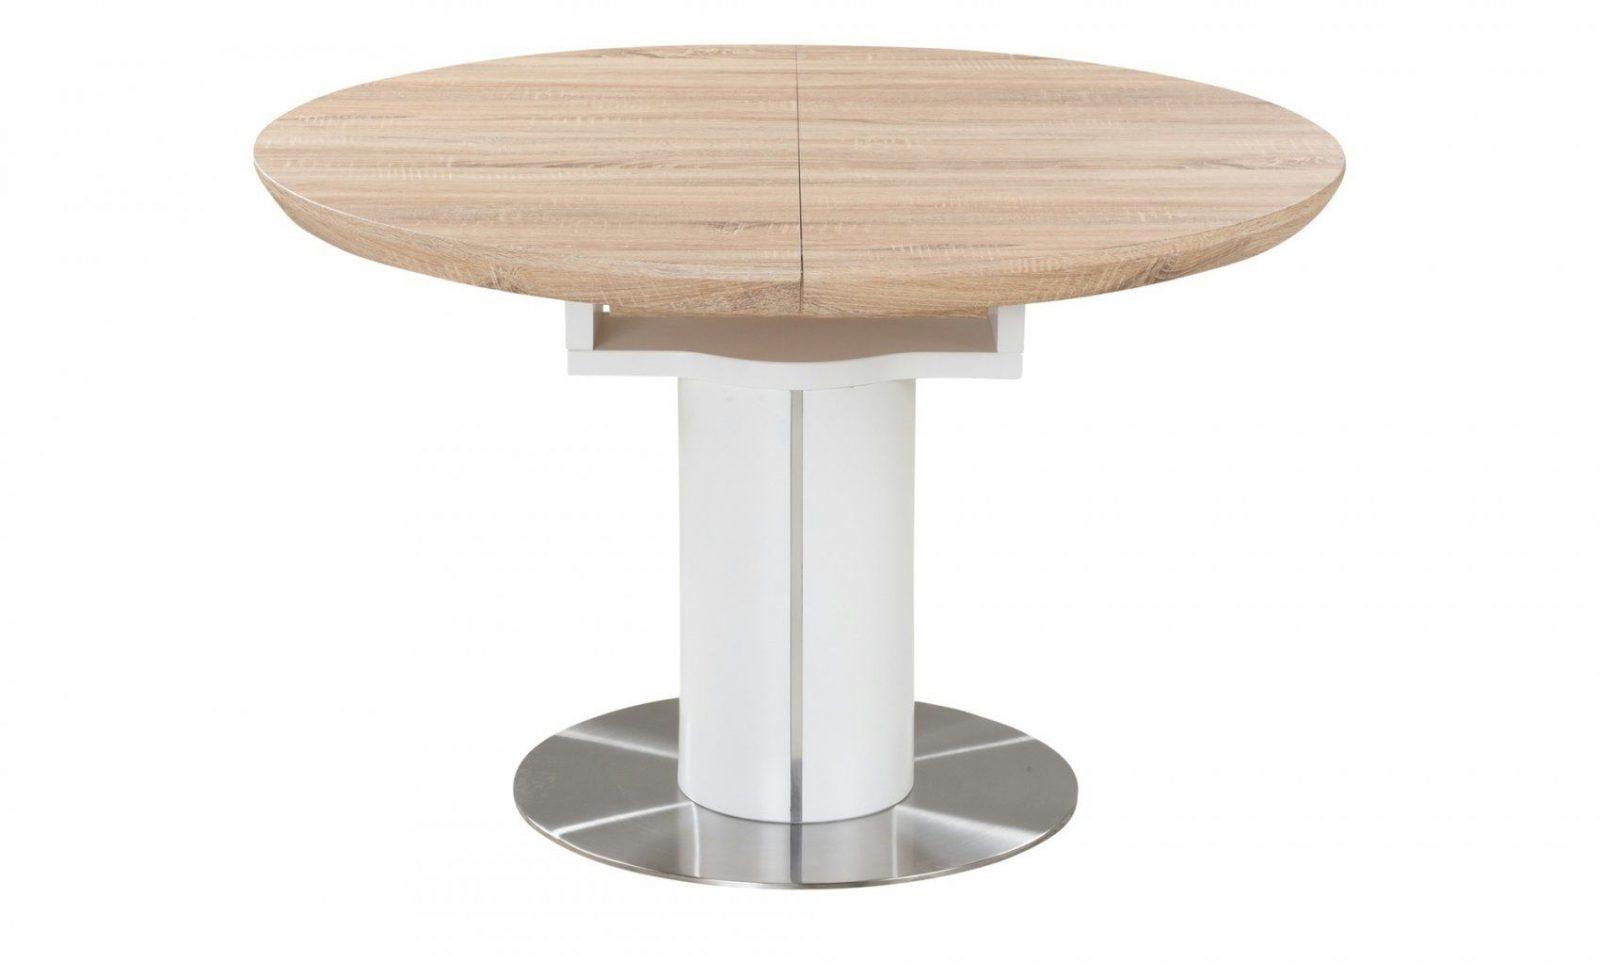 Esstisch Rund Ausziehbar Weiß Holzfarben  Möbel Höffner von Esstisch Rund Ausziehbar Modern Photo